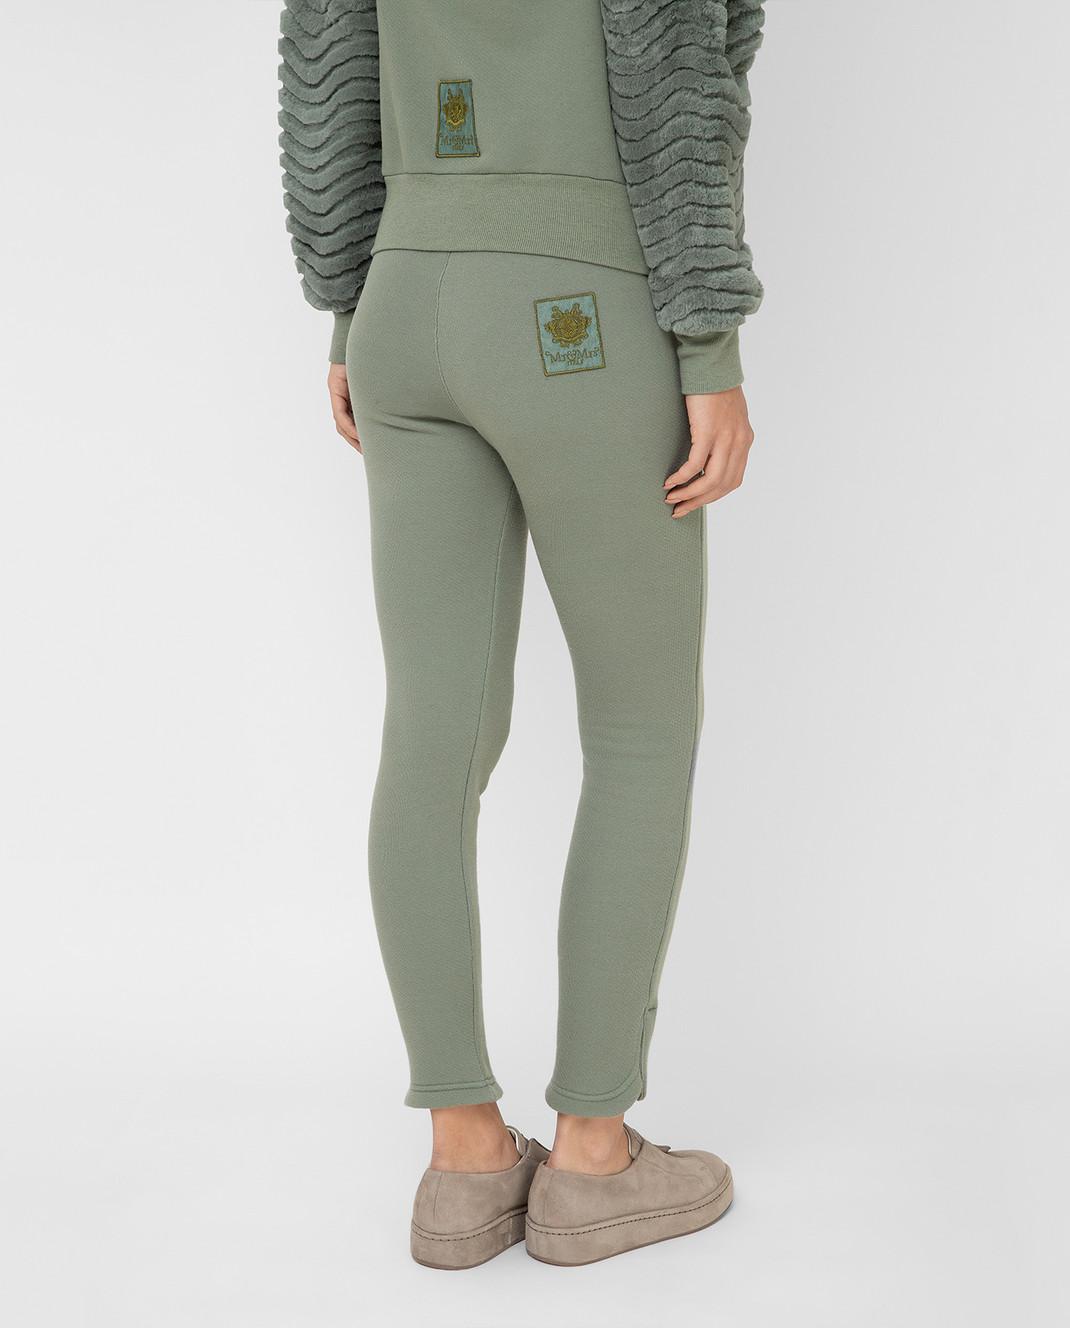 Mr&Mrs Italy Зеленые спортивные брюки JG054E изображение 4